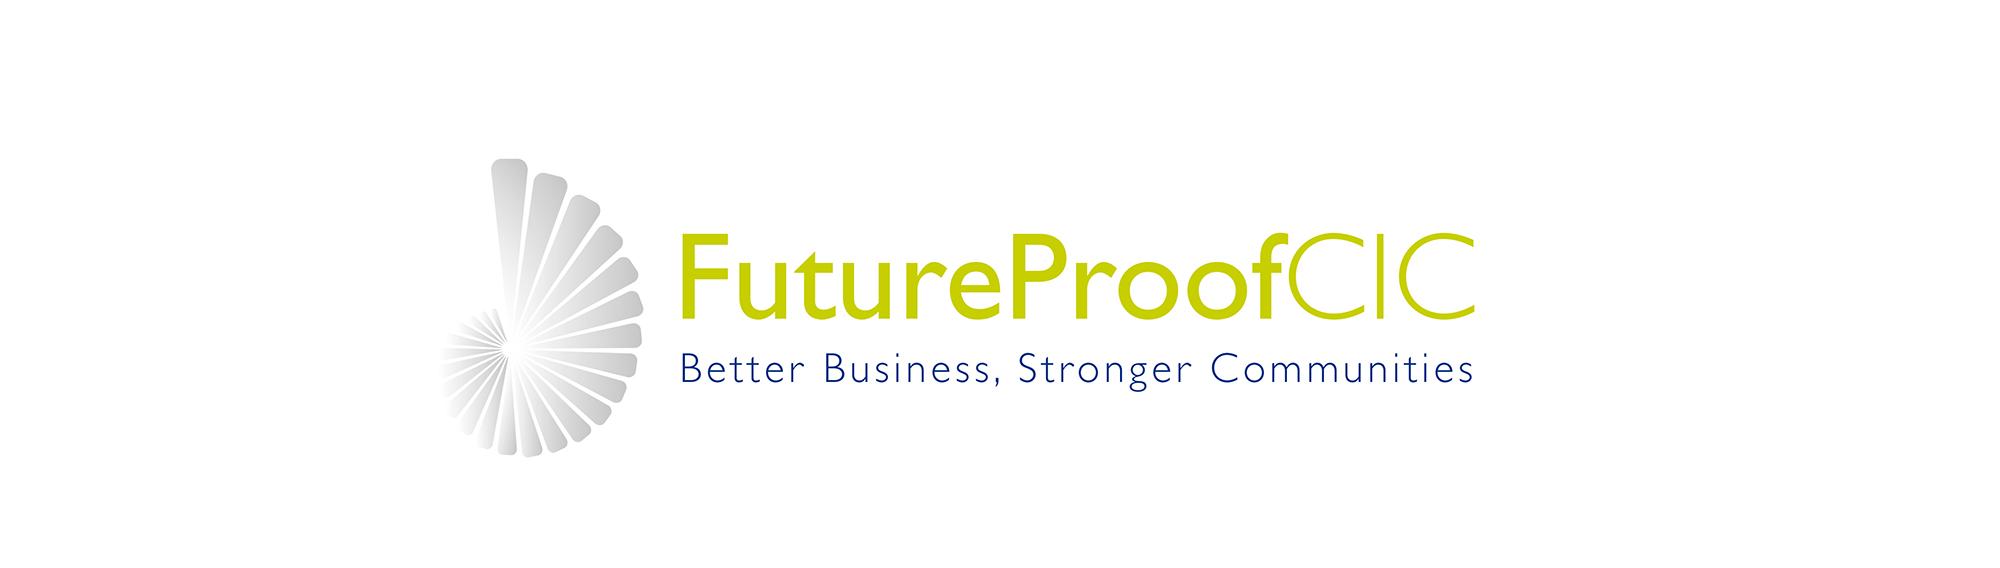 FutureproofCIC Logo